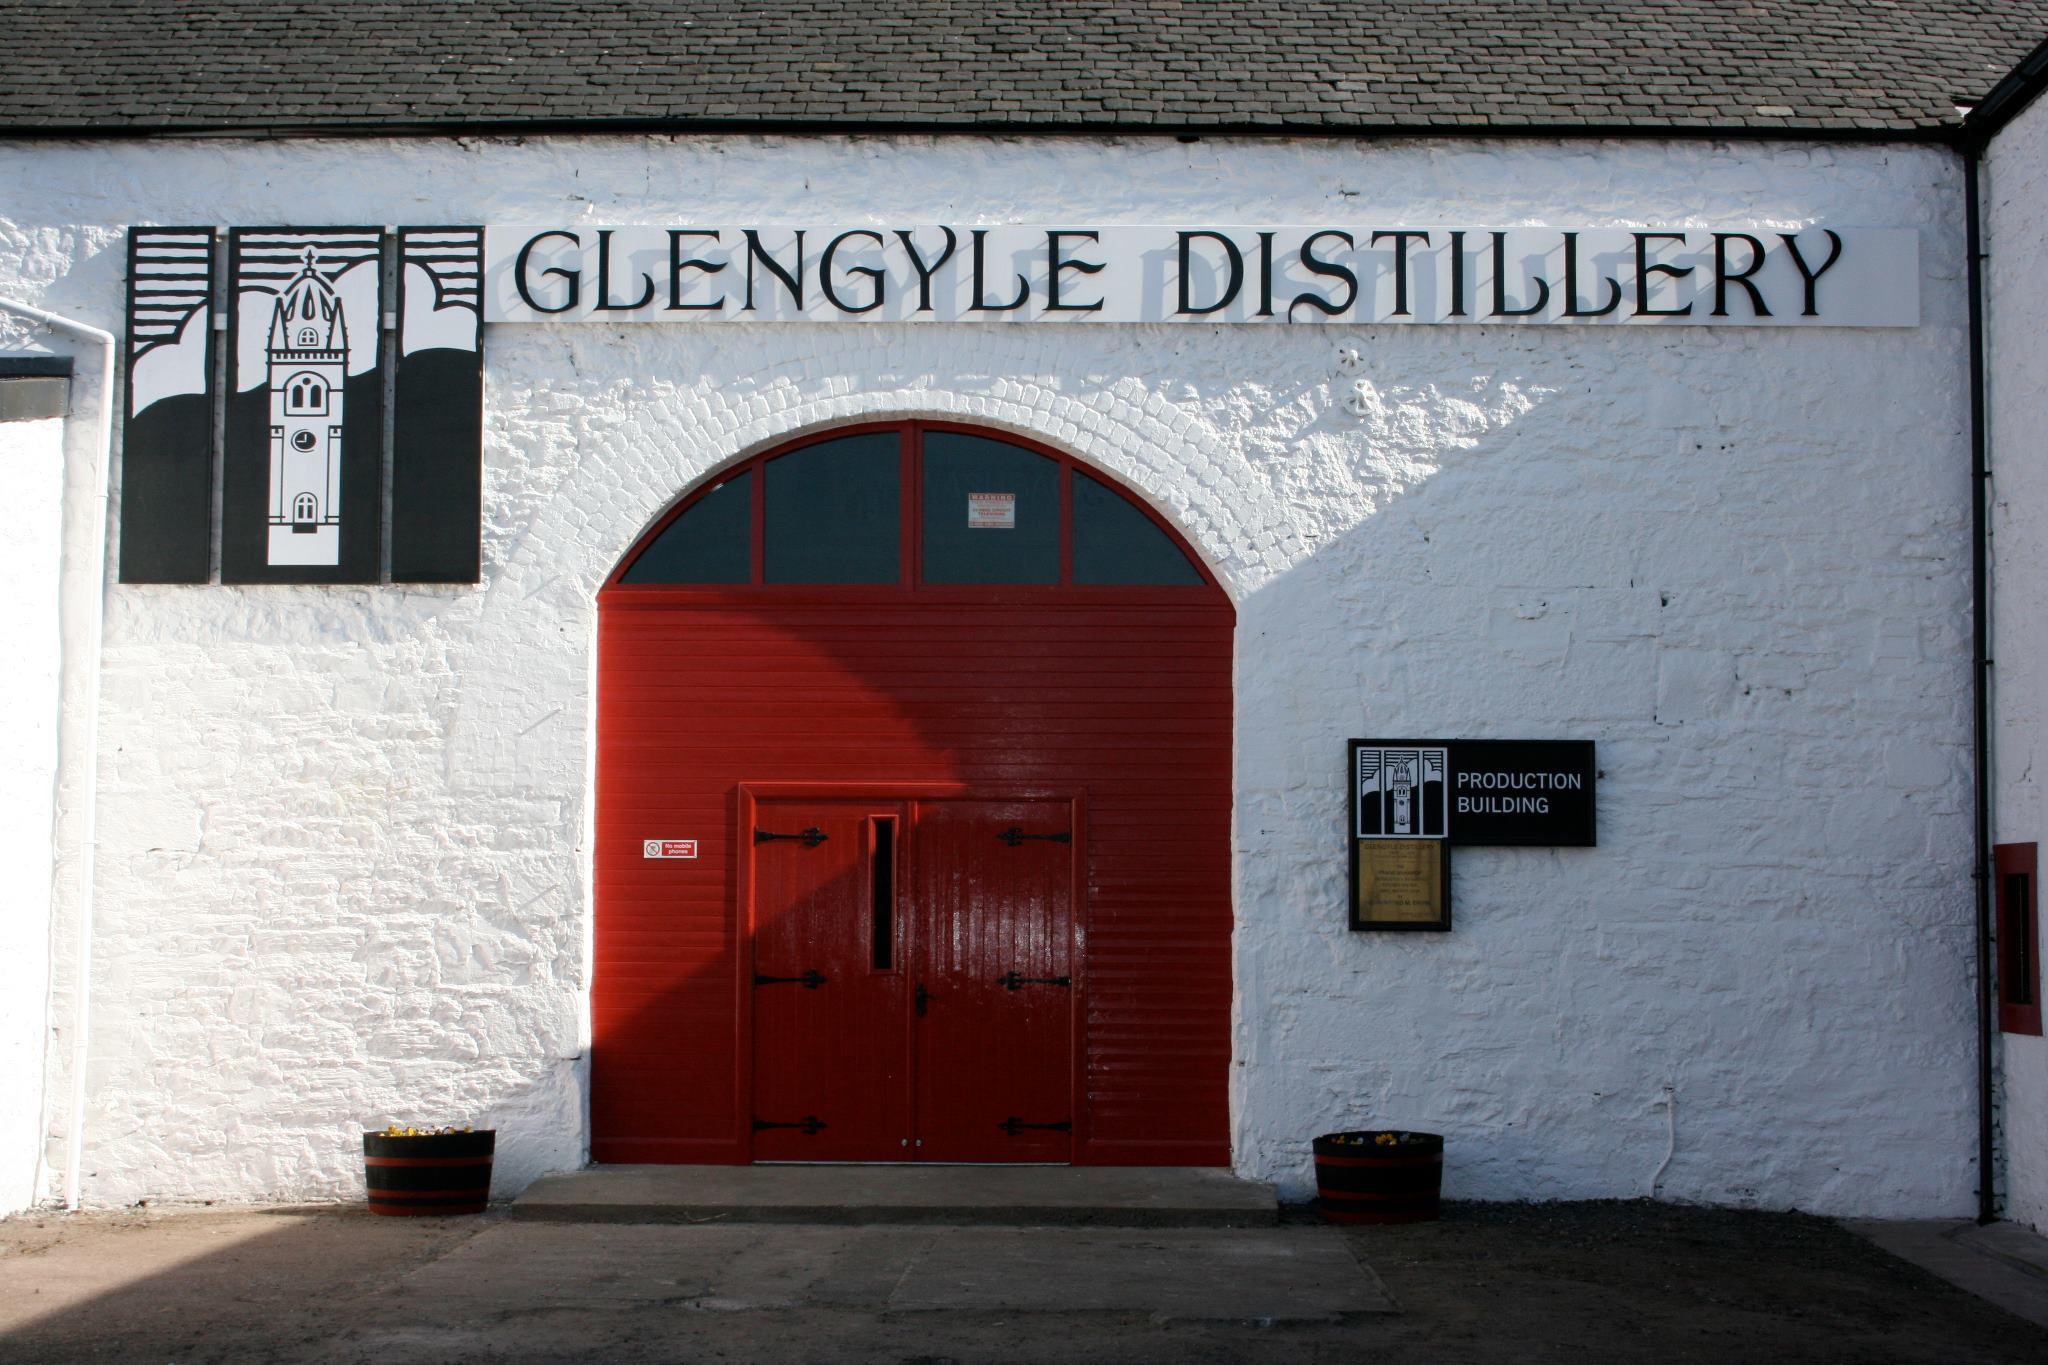 Kilkerran Work in Progress 5 Bourbon Cask Campbeltown Single Malt Scotch Whisky 70cl 46%